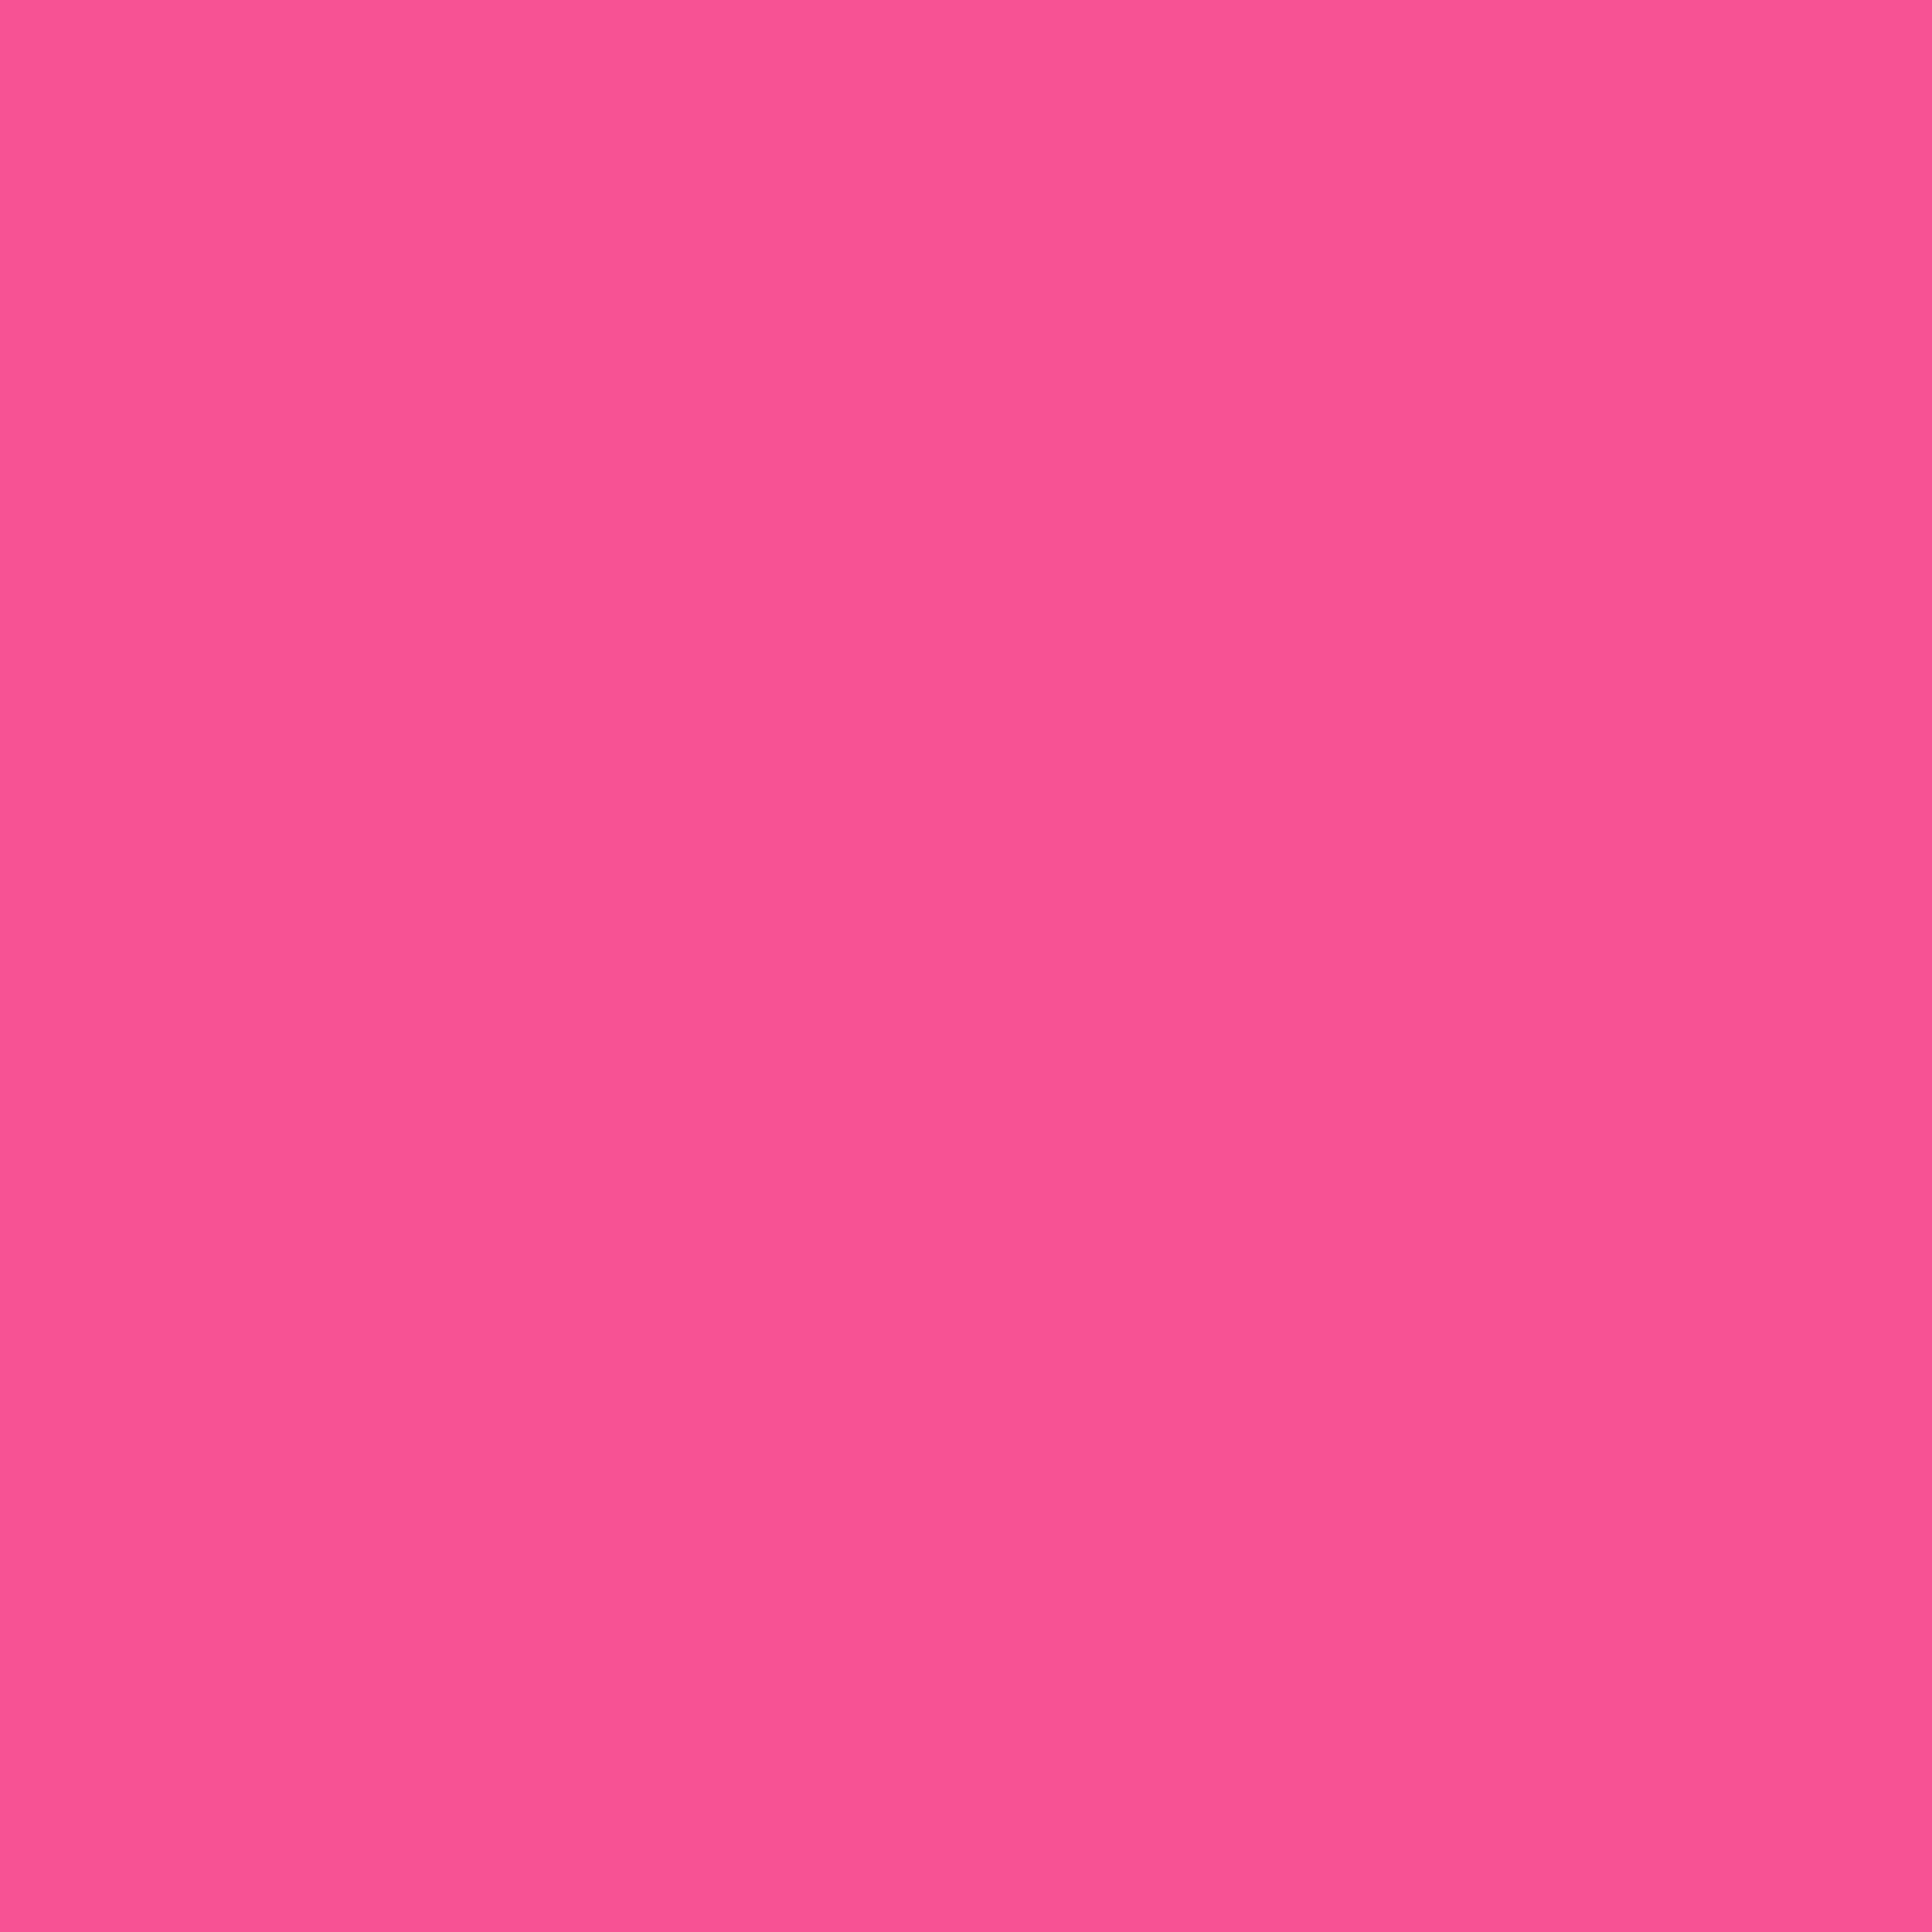 3600x3600 Violet-red Solid Color Background